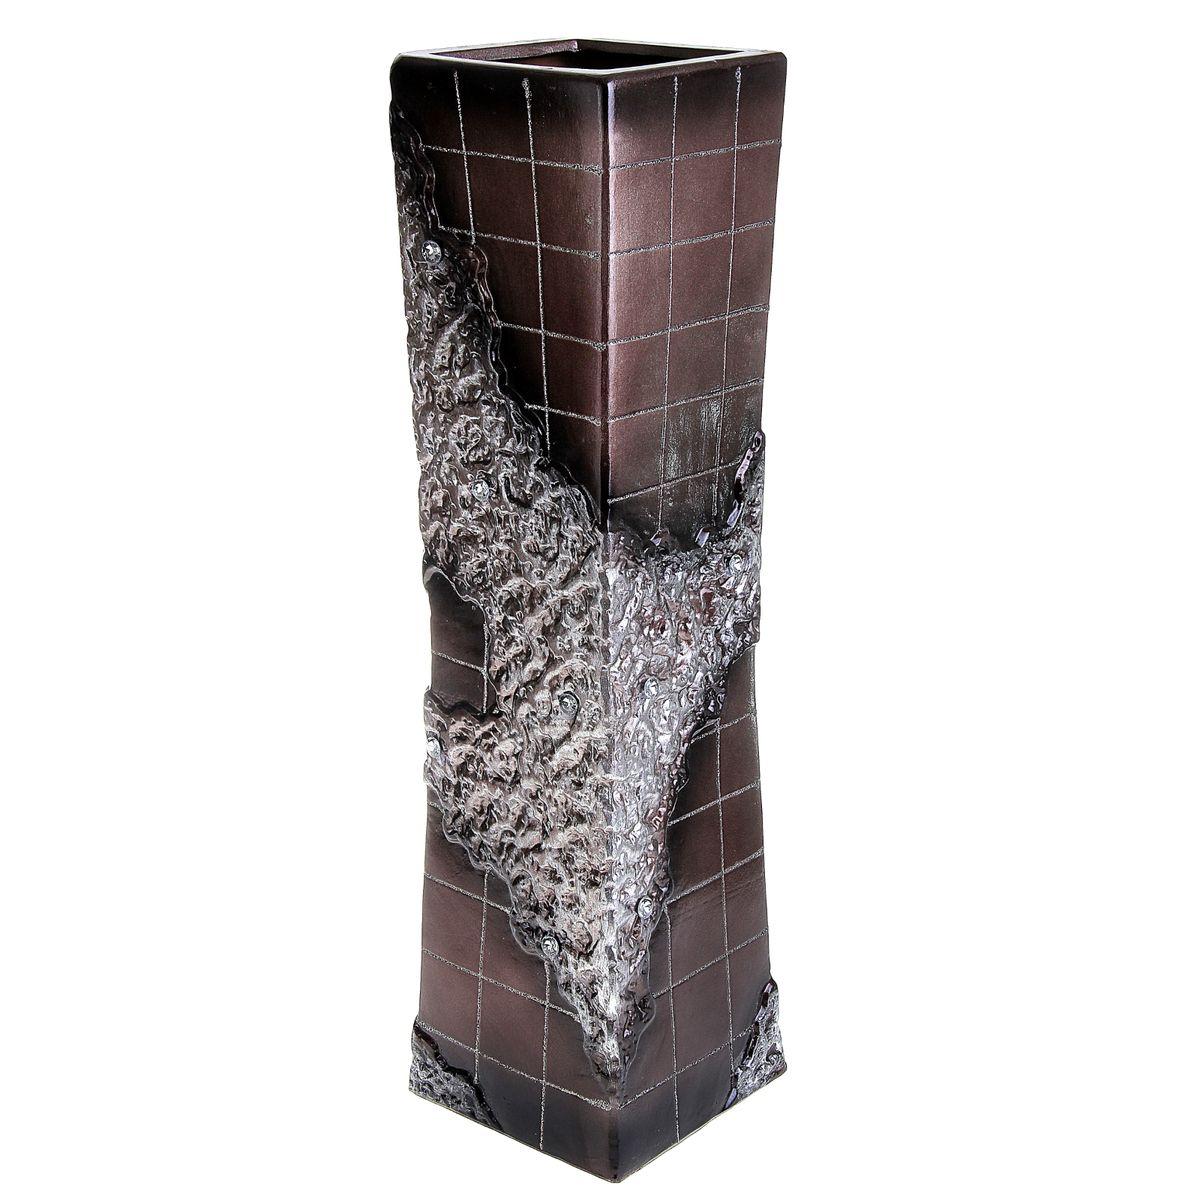 Ваза напольная Цветочная плитка, цвет: коричневый, высота 60 см. 913546913546Керамика